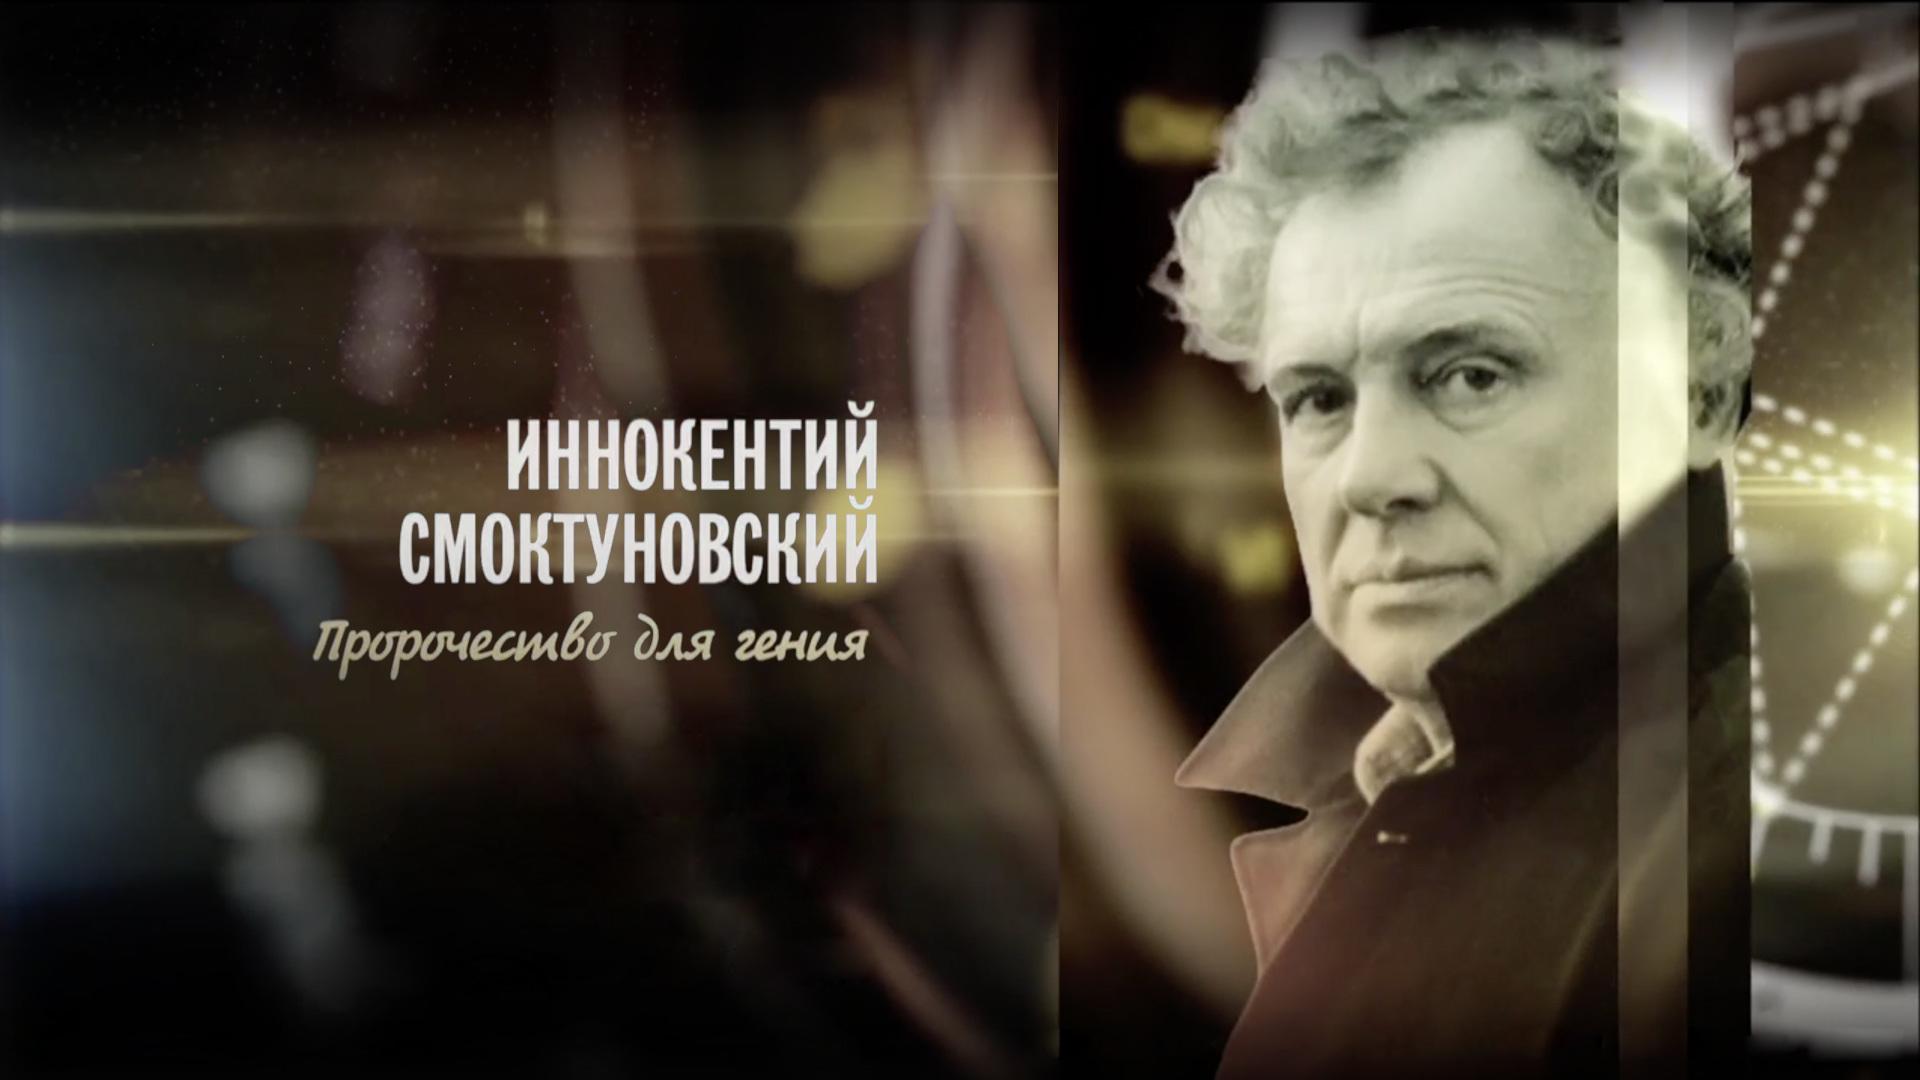 Иннокентий Смоктуновский. Пророчество для гения